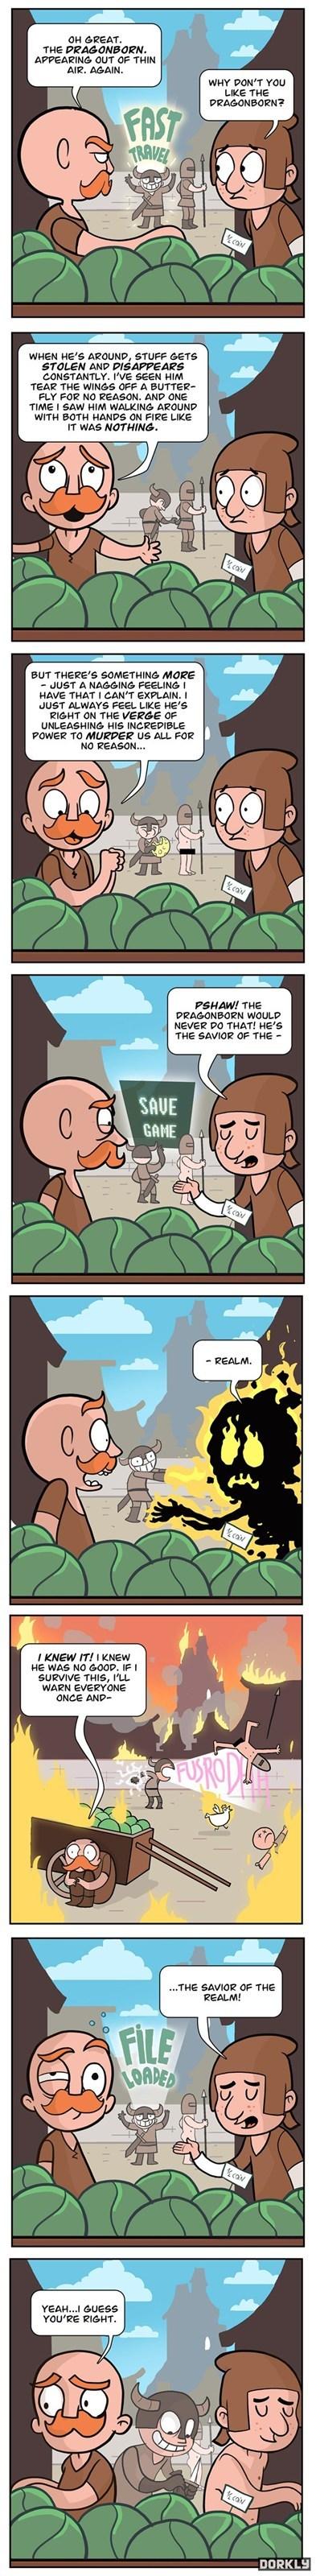 dorkly comics deja vu Skyrim - 7150645760